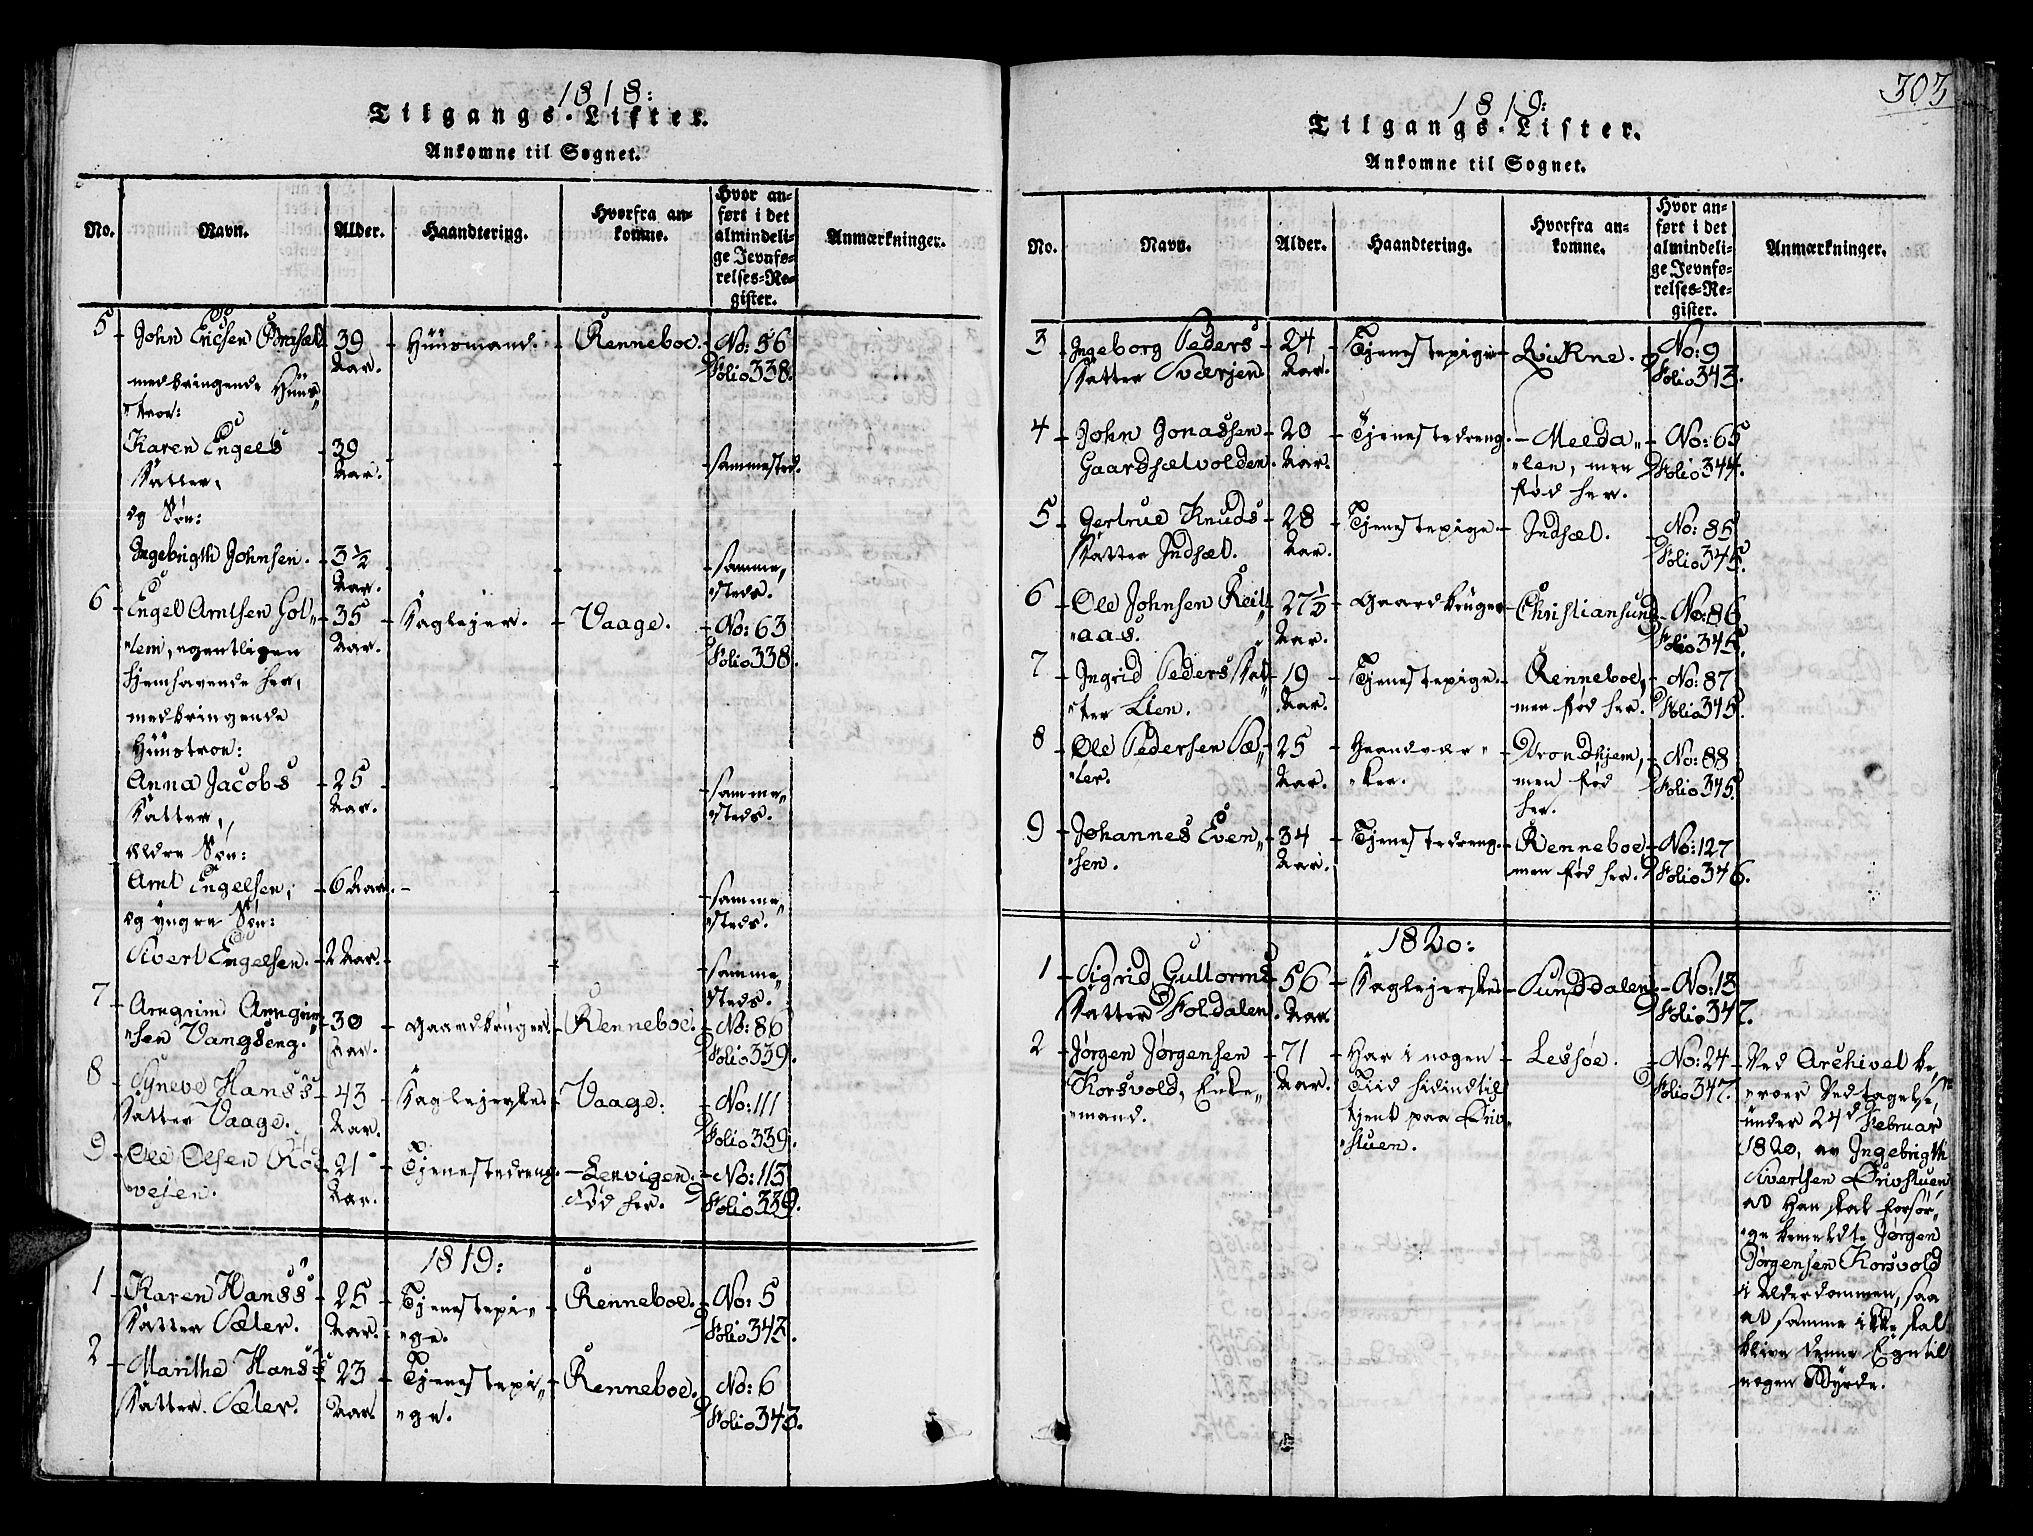 SAT, Ministerialprotokoller, klokkerbøker og fødselsregistre - Sør-Trøndelag, 678/L0895: Ministerialbok nr. 678A05 /1, 1816-1821, s. 303